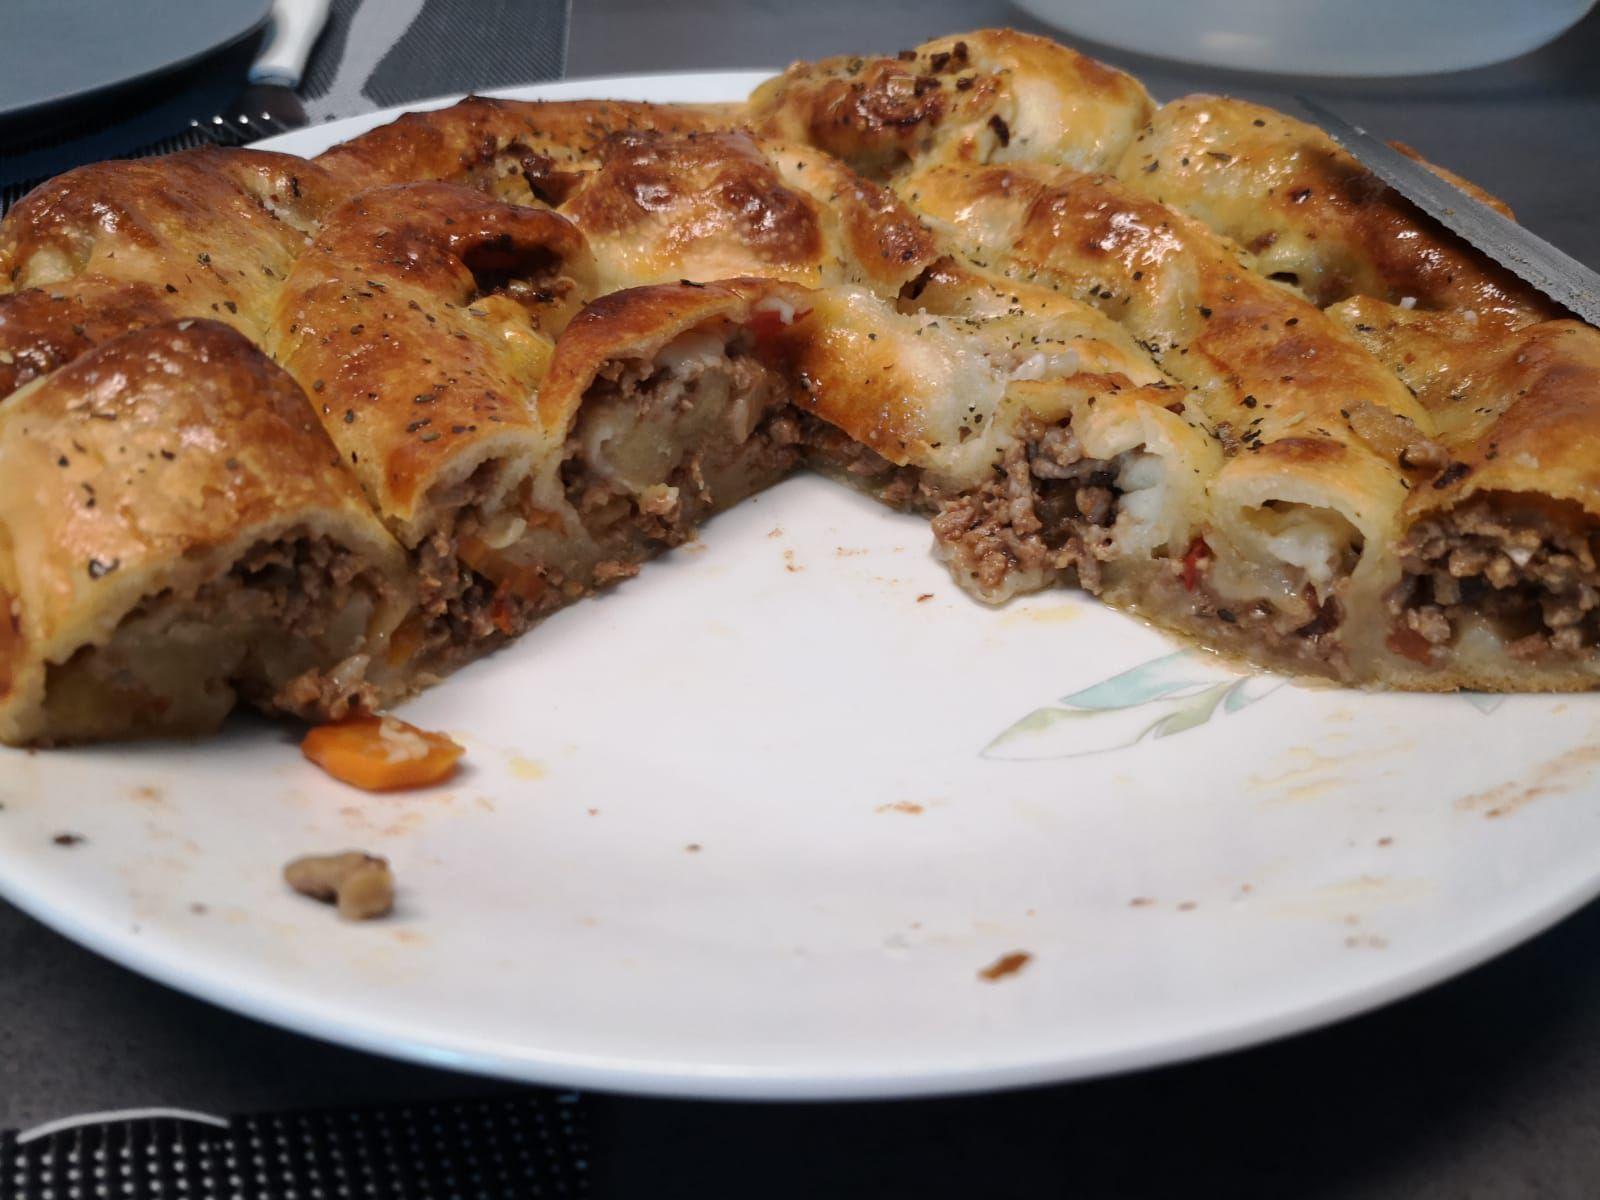 Pizza roulée bolognaise de Cyril Lignac dans tous en cuisine